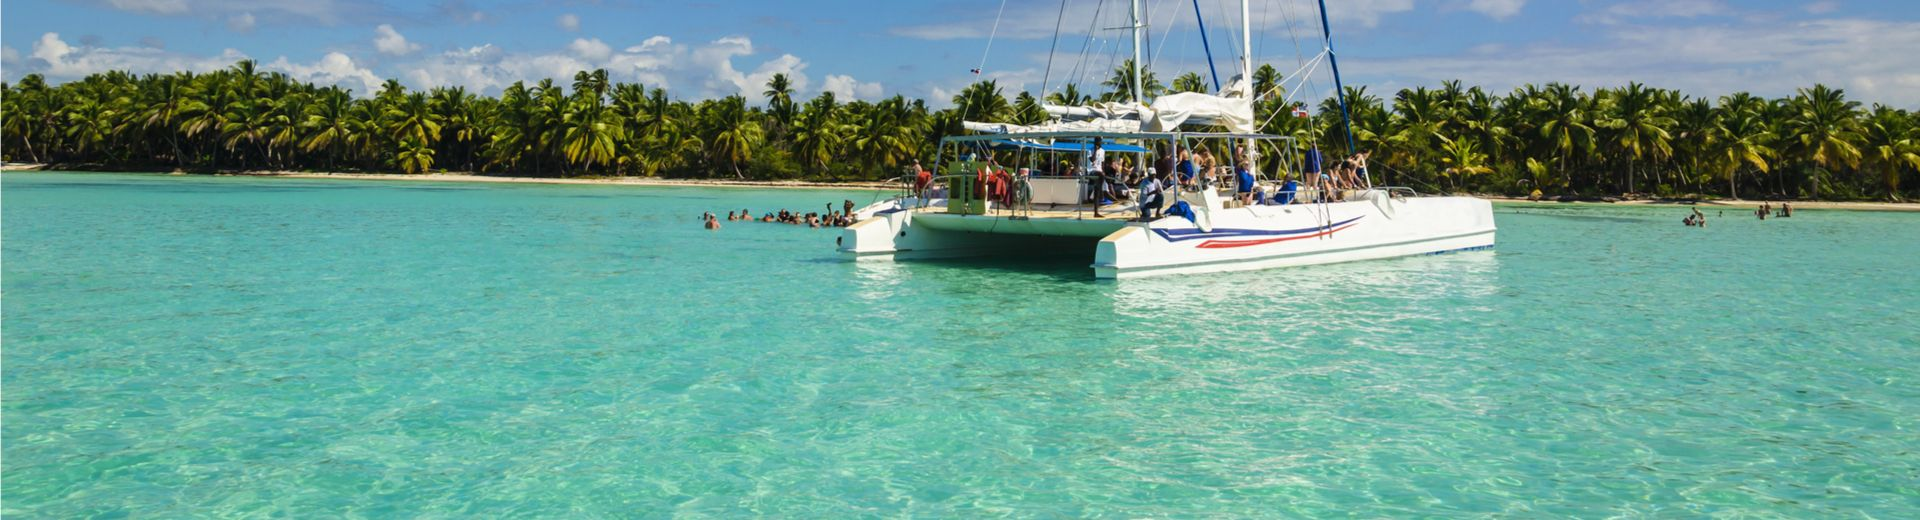 Exklusiver Segeltörn an der Südküste Kubas